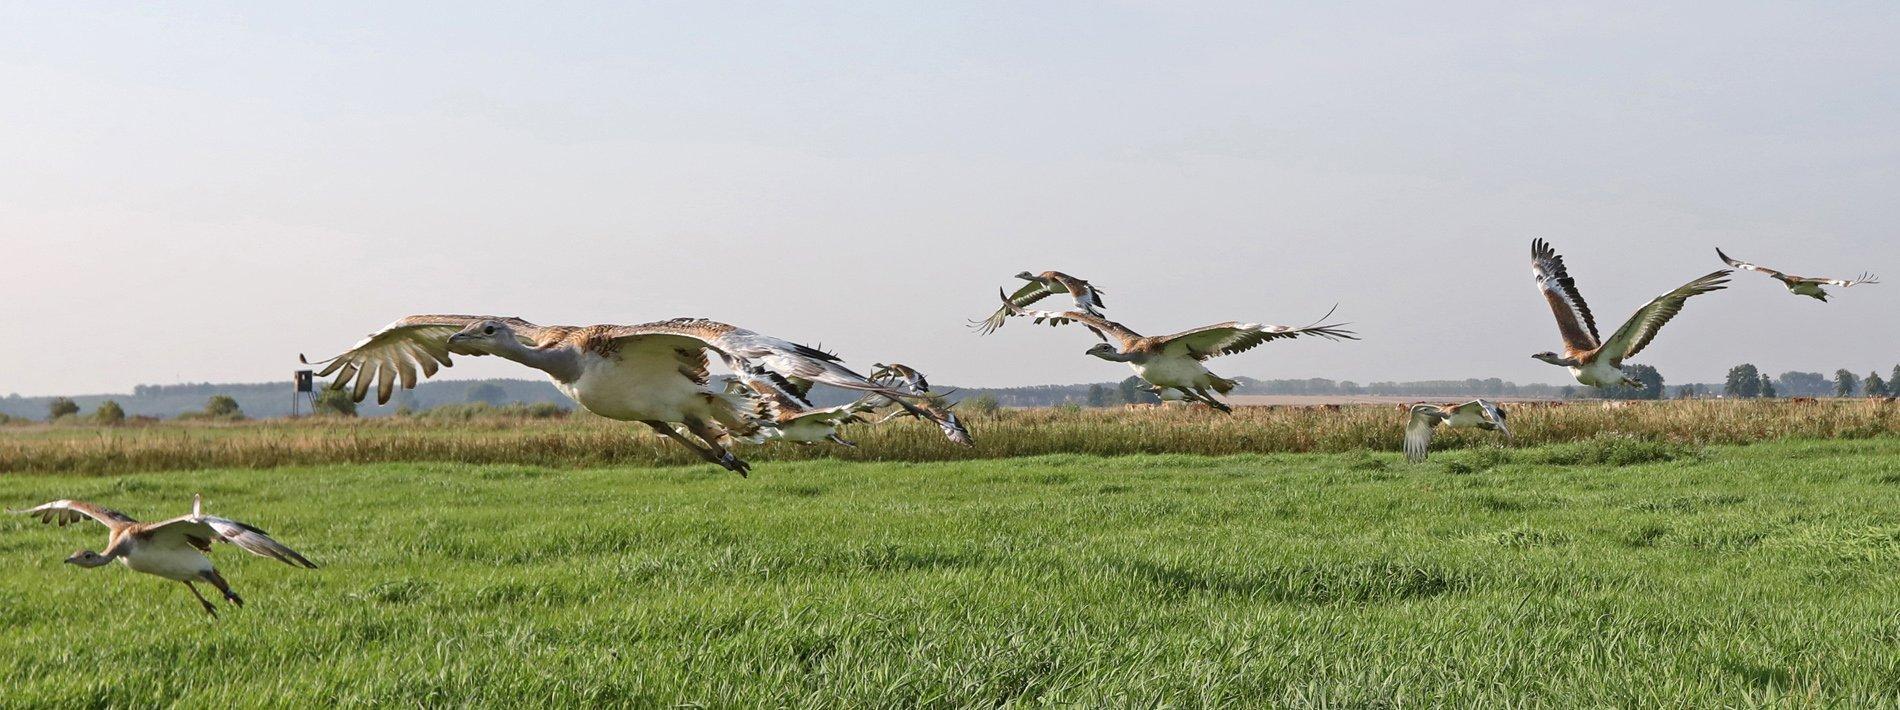 Eine Gruppe junger, gerade flugfähiger Großtrappen in einem Naturschutzgebiet fliegt auf den Fotografen zu